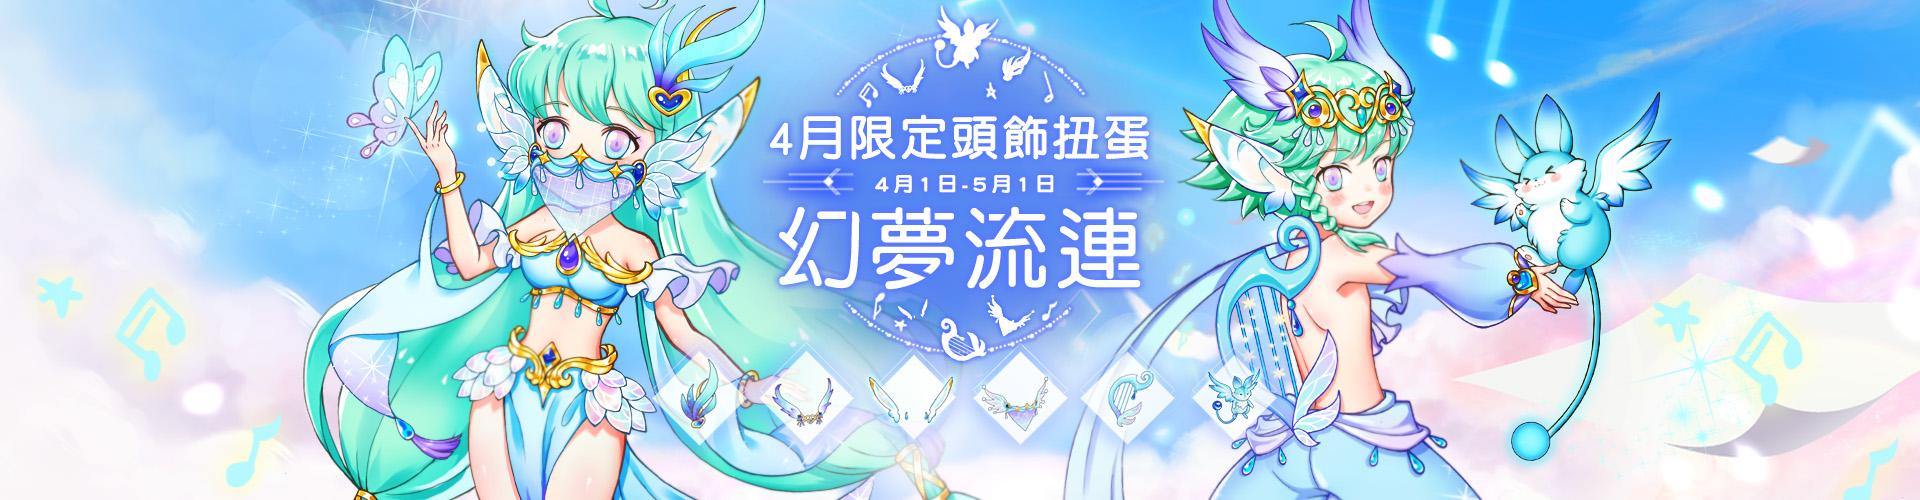 《RO:守護永恆的愛》4月主題扭蛋頭飾【幻夢流連】